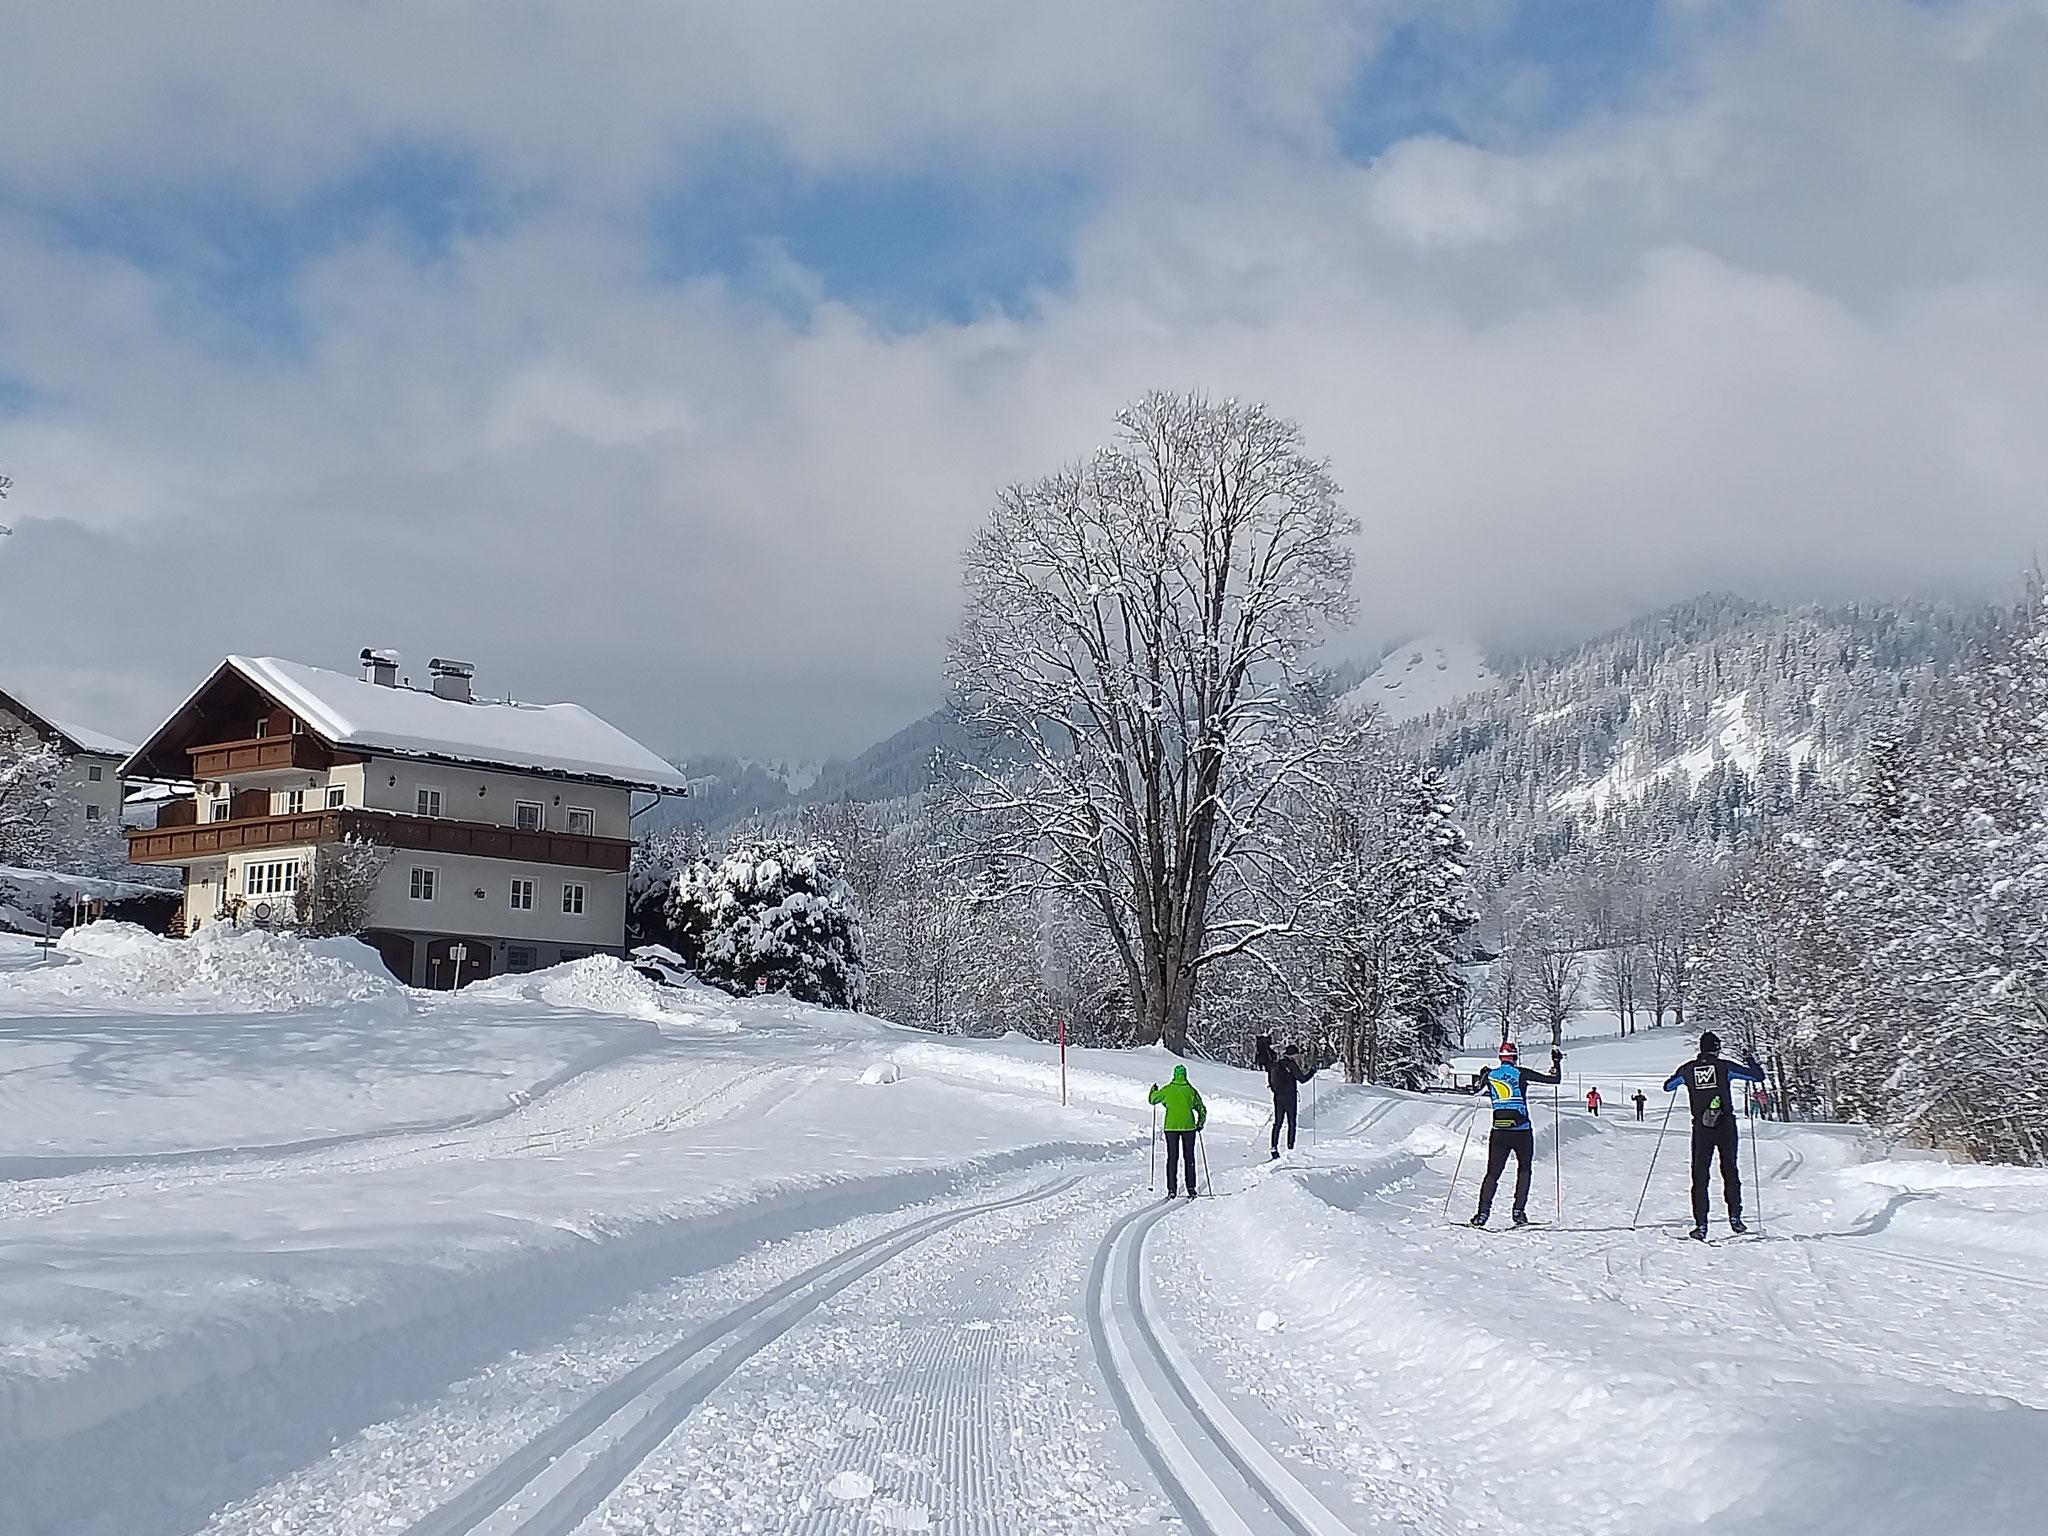 Langlaufloipen und Winterwanderwege neben dem Haus